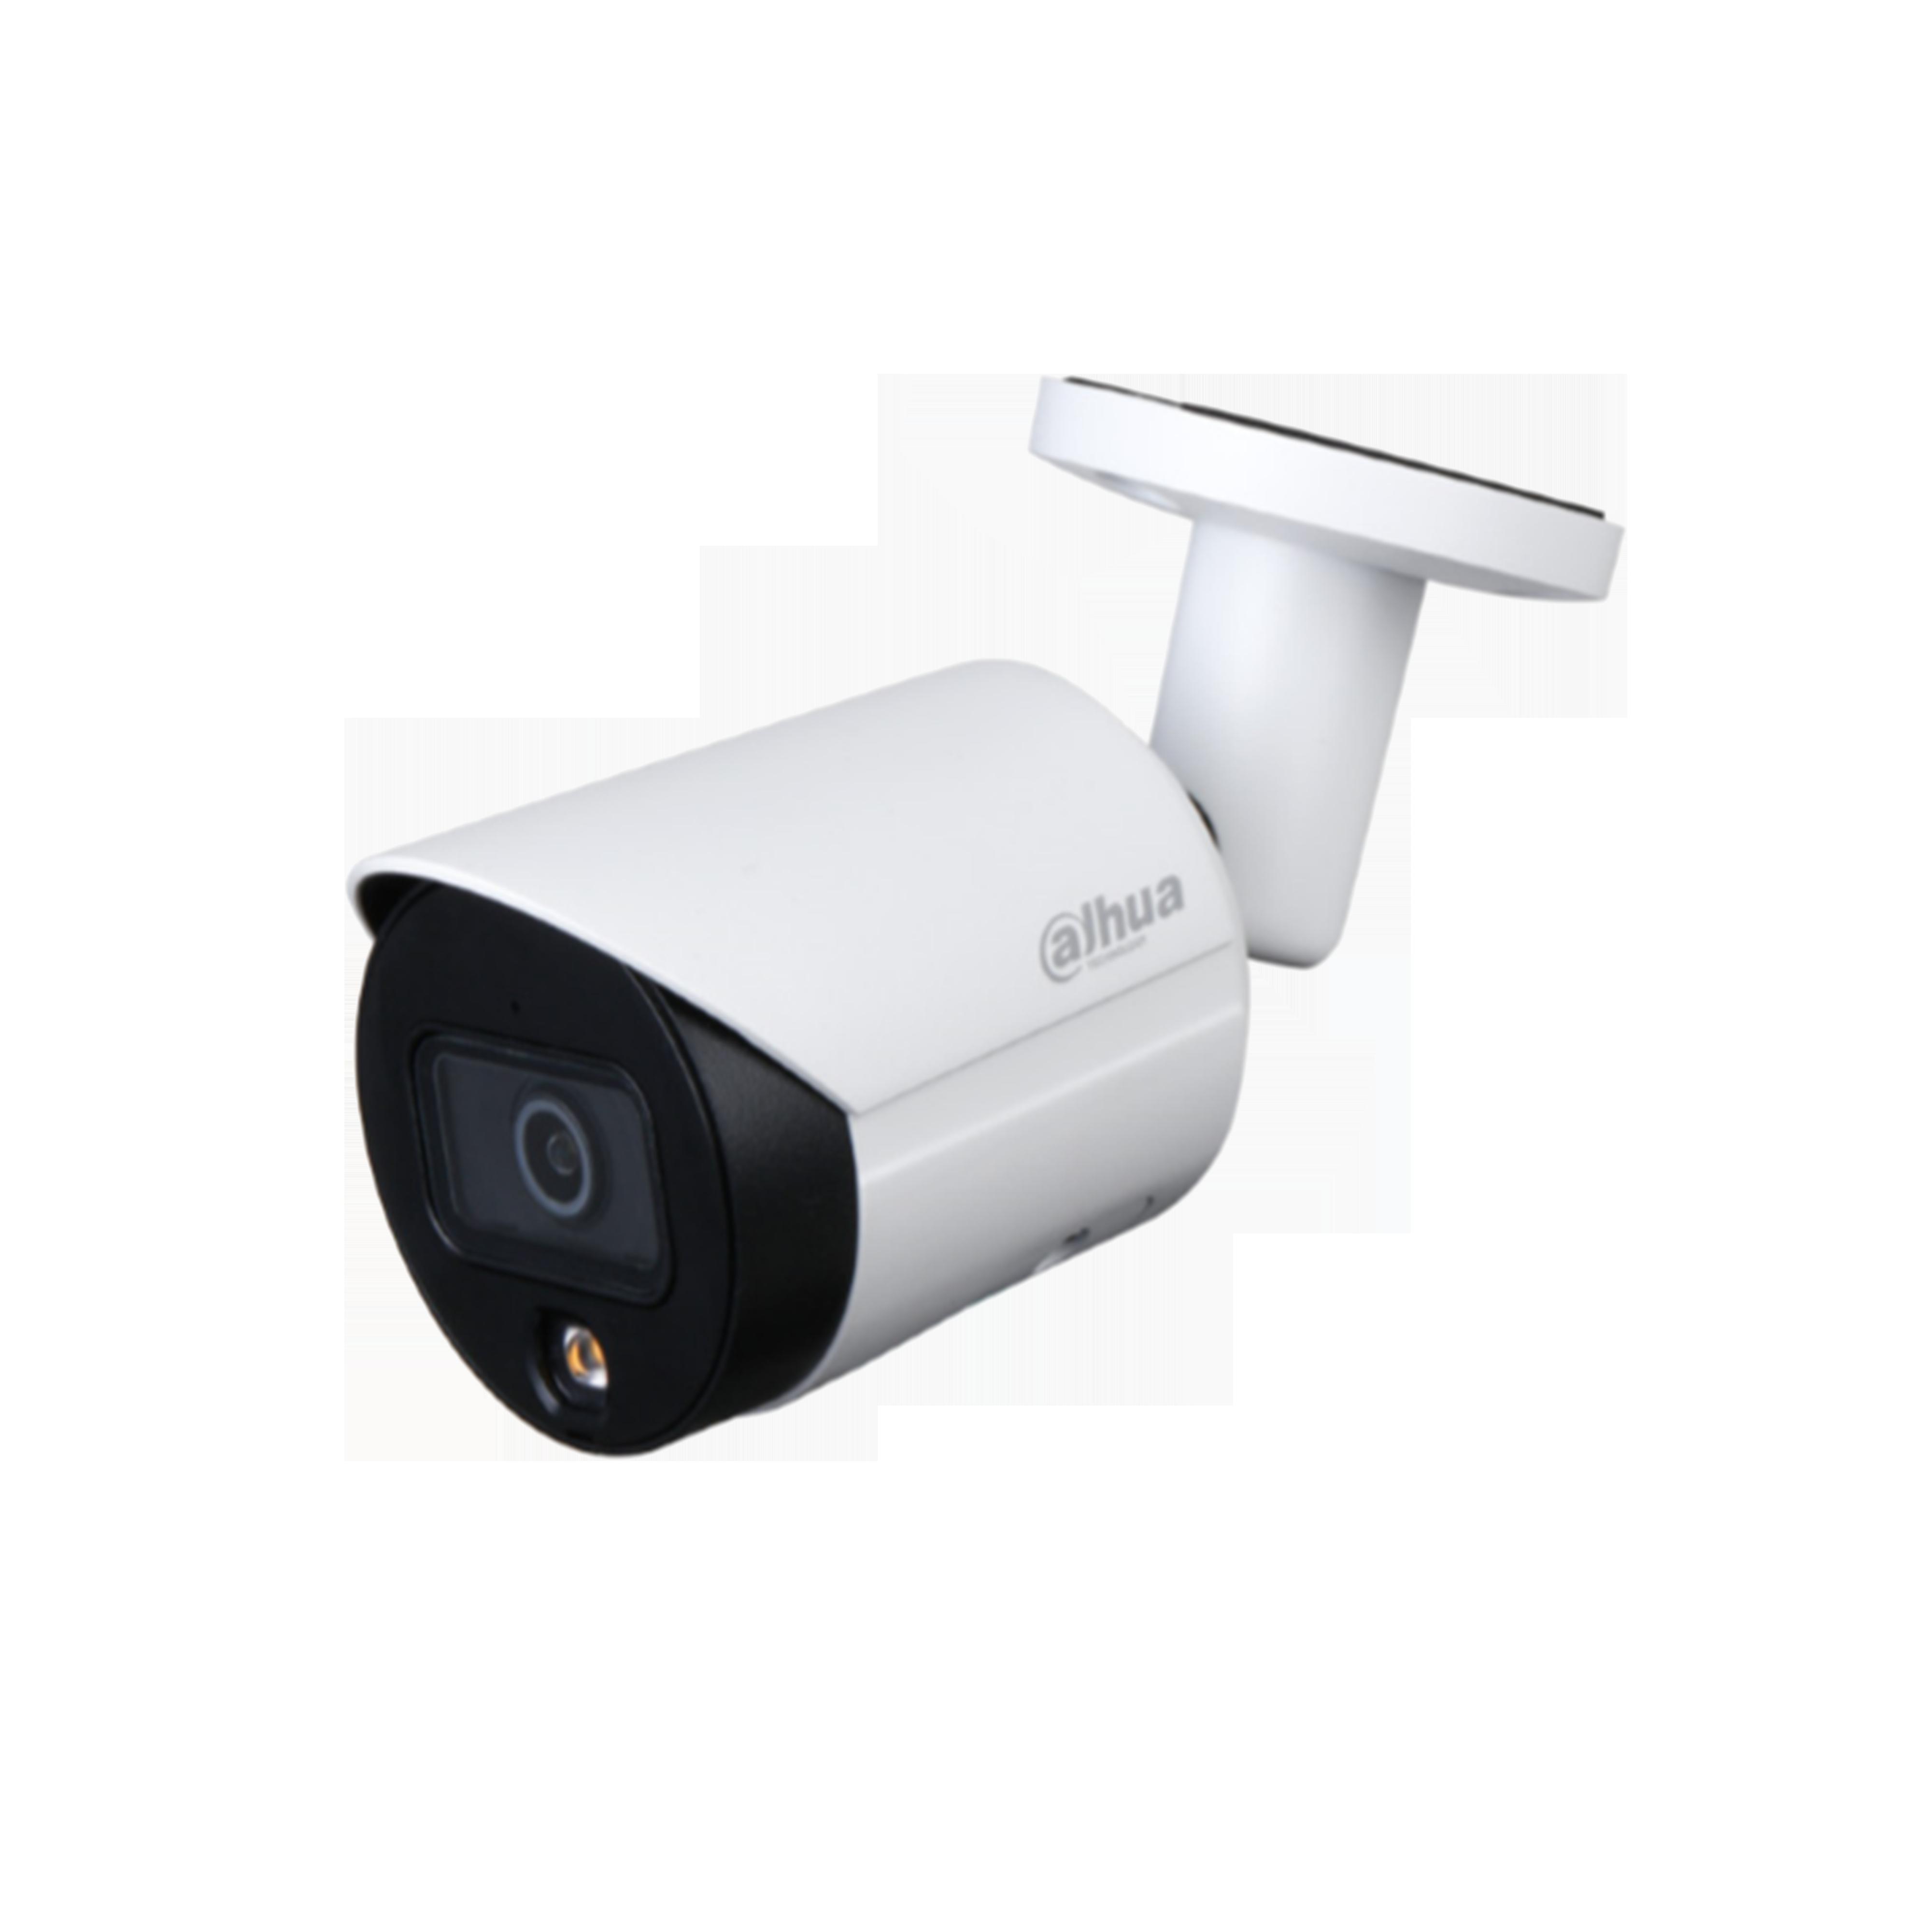 Купить 1 МП  Wi-Fi видеокамера  с SD картой и звуком DH-IPC-C12P